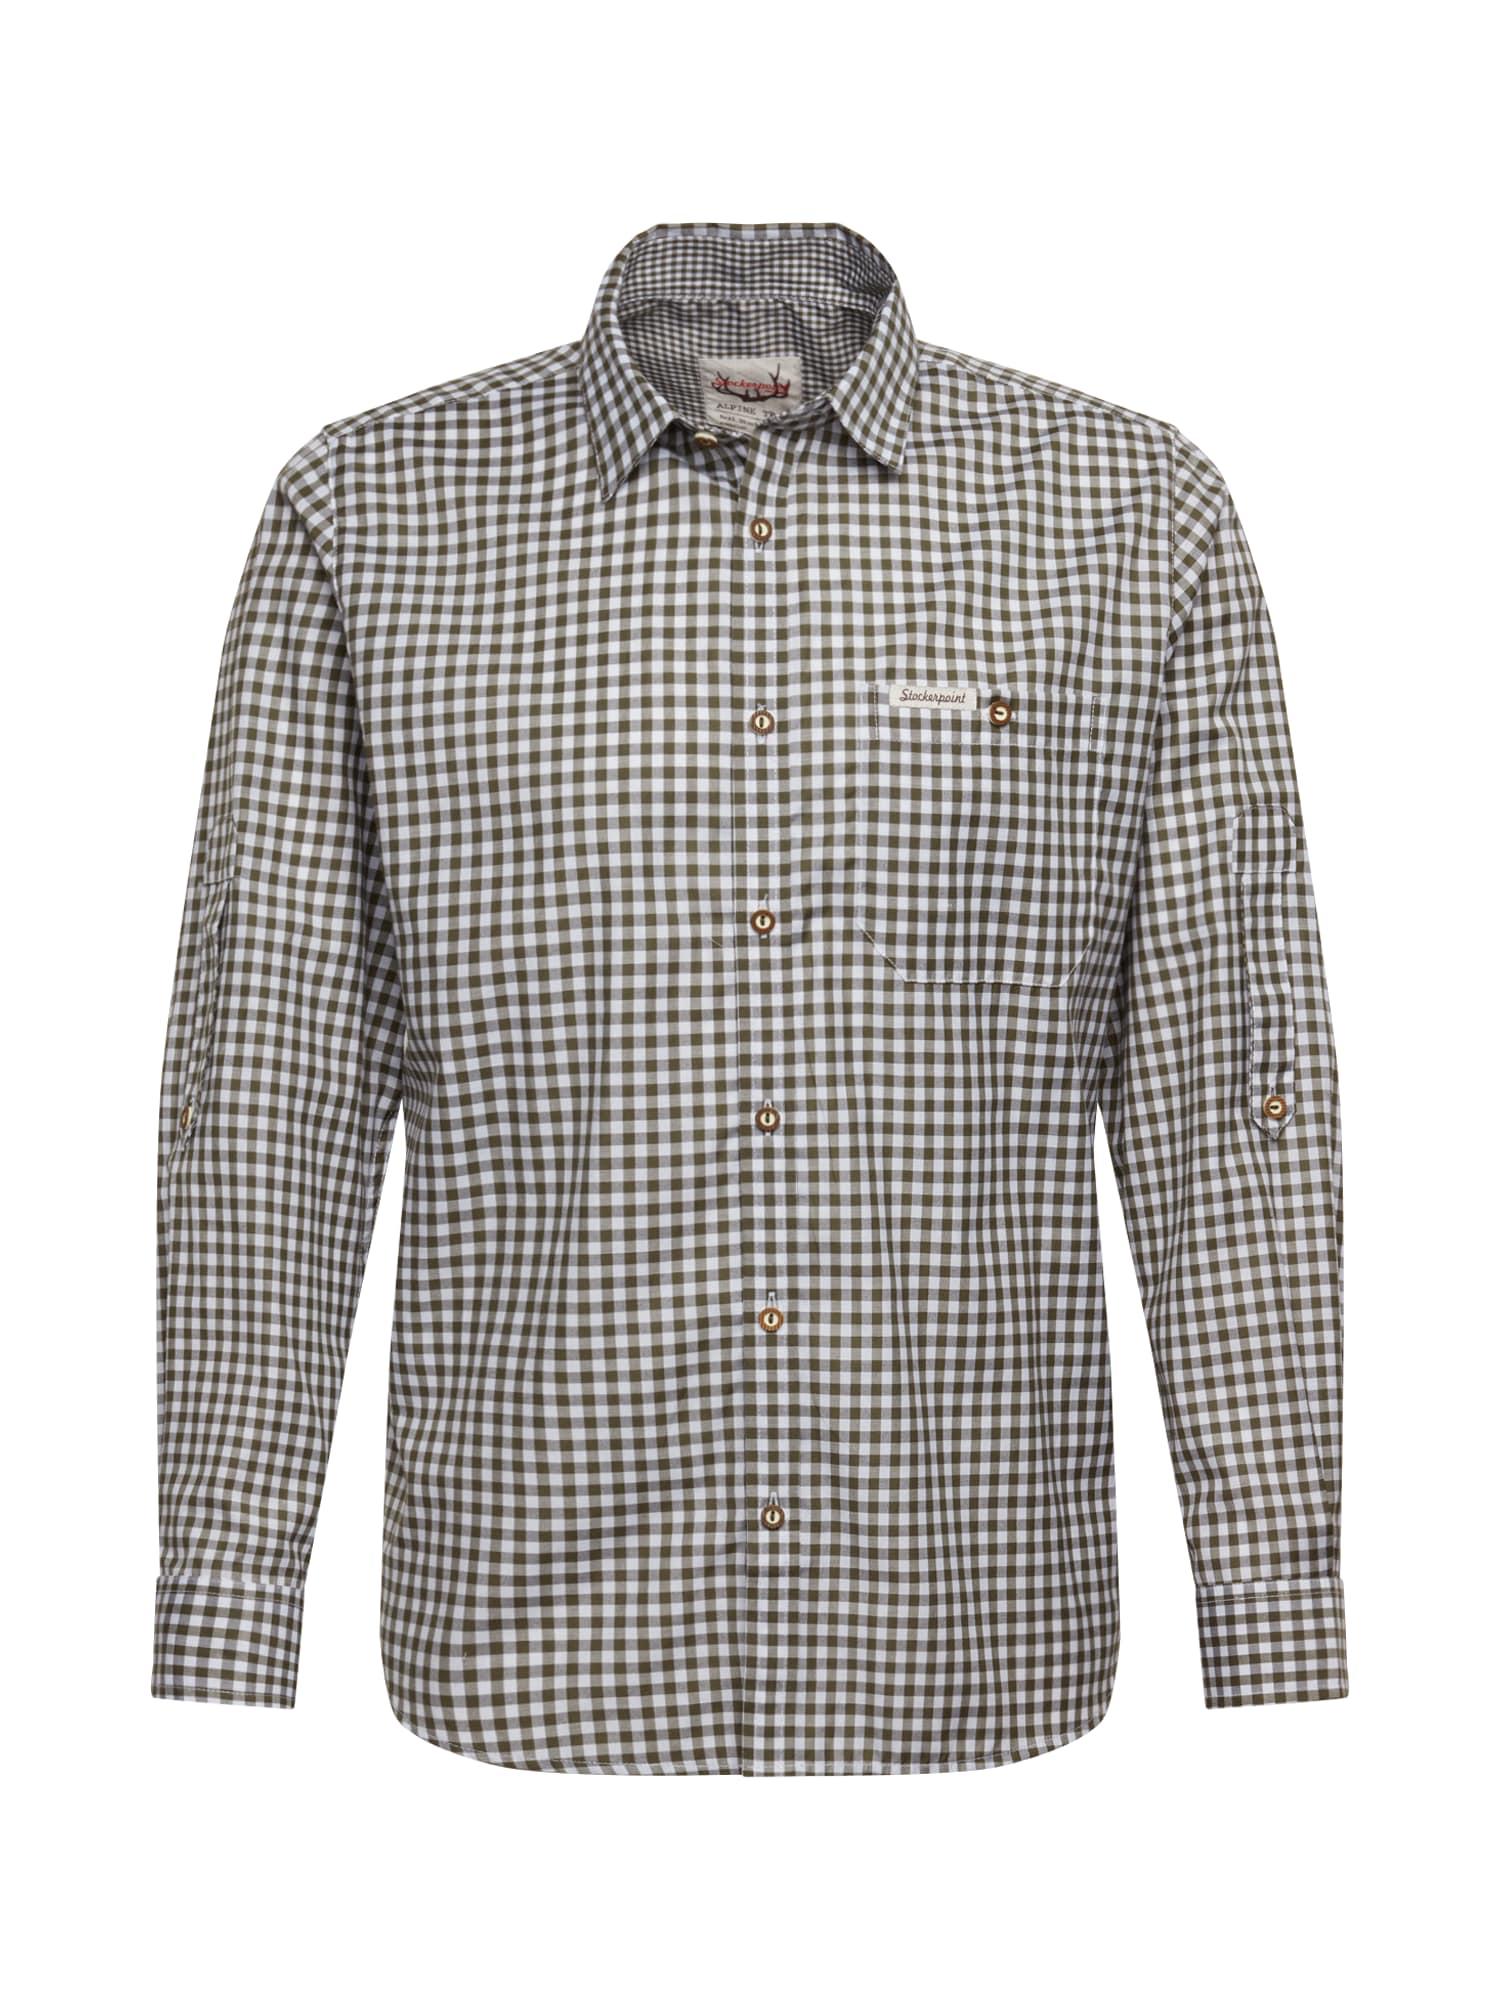 STOCKERPOINT Neliemenuoti marškiniai 'Campos3' žalia